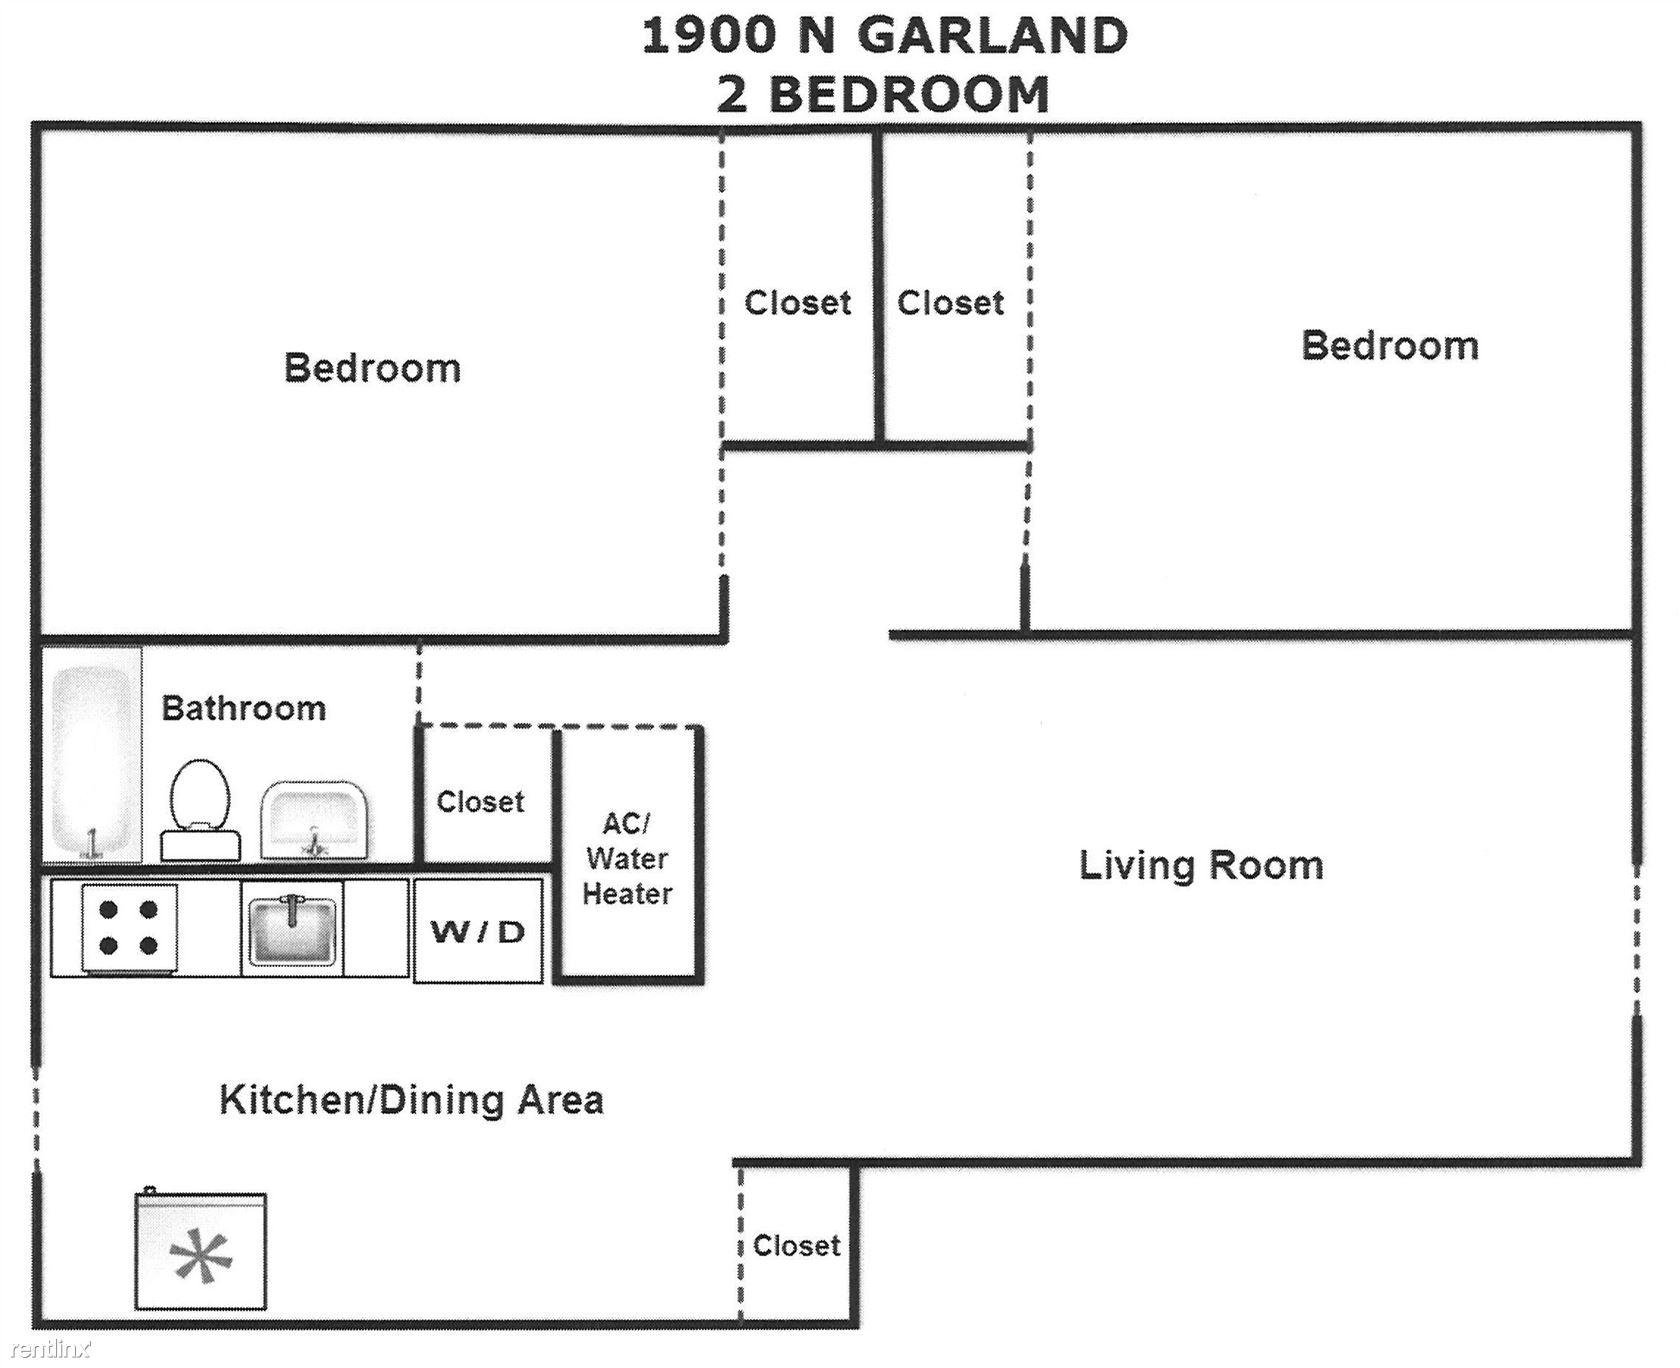 2 Bed Garland